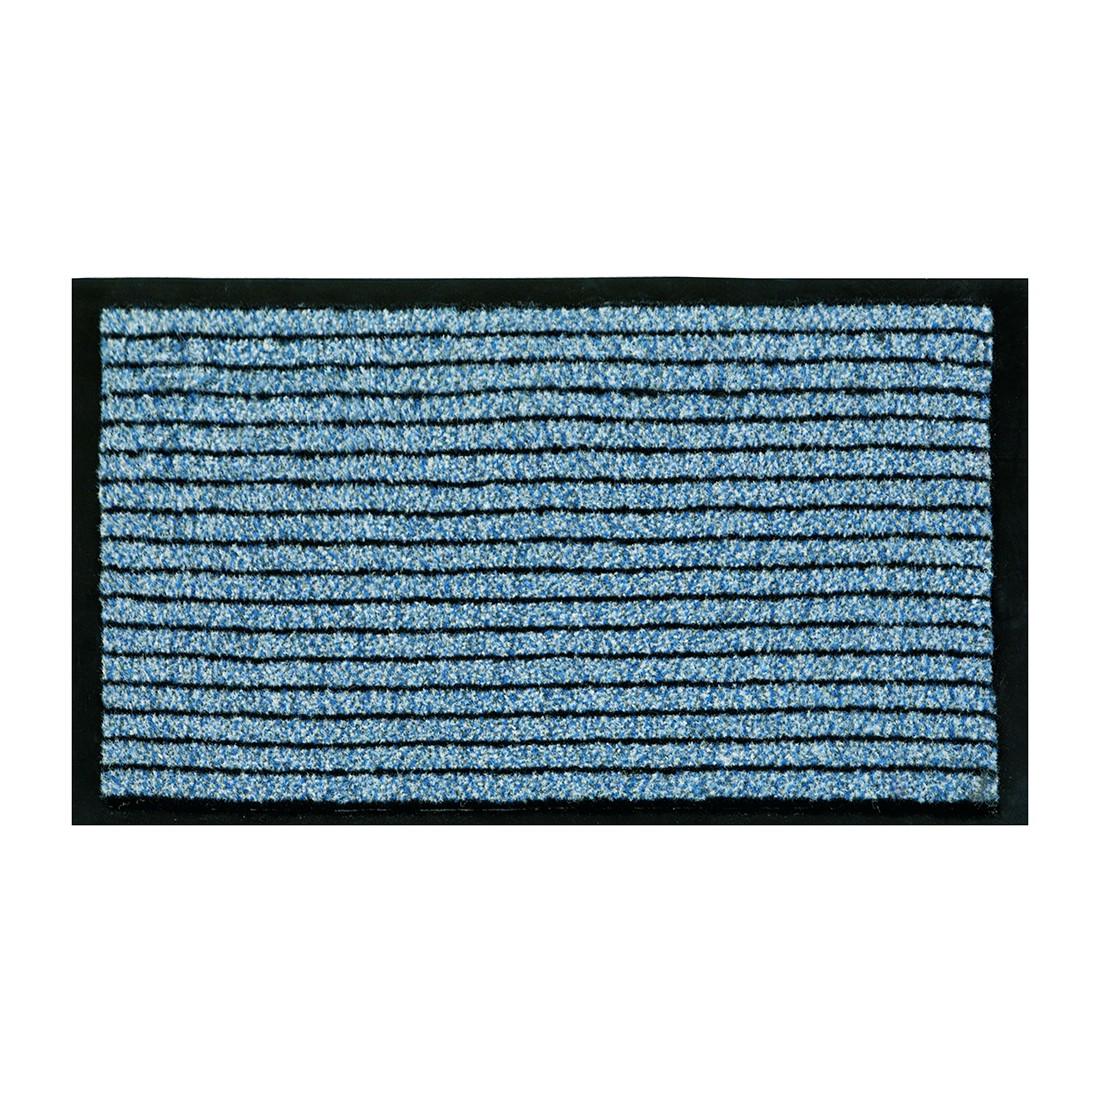 Fußmatte Karat – Blau – 120 x 180 cm, Astra günstig online kaufen